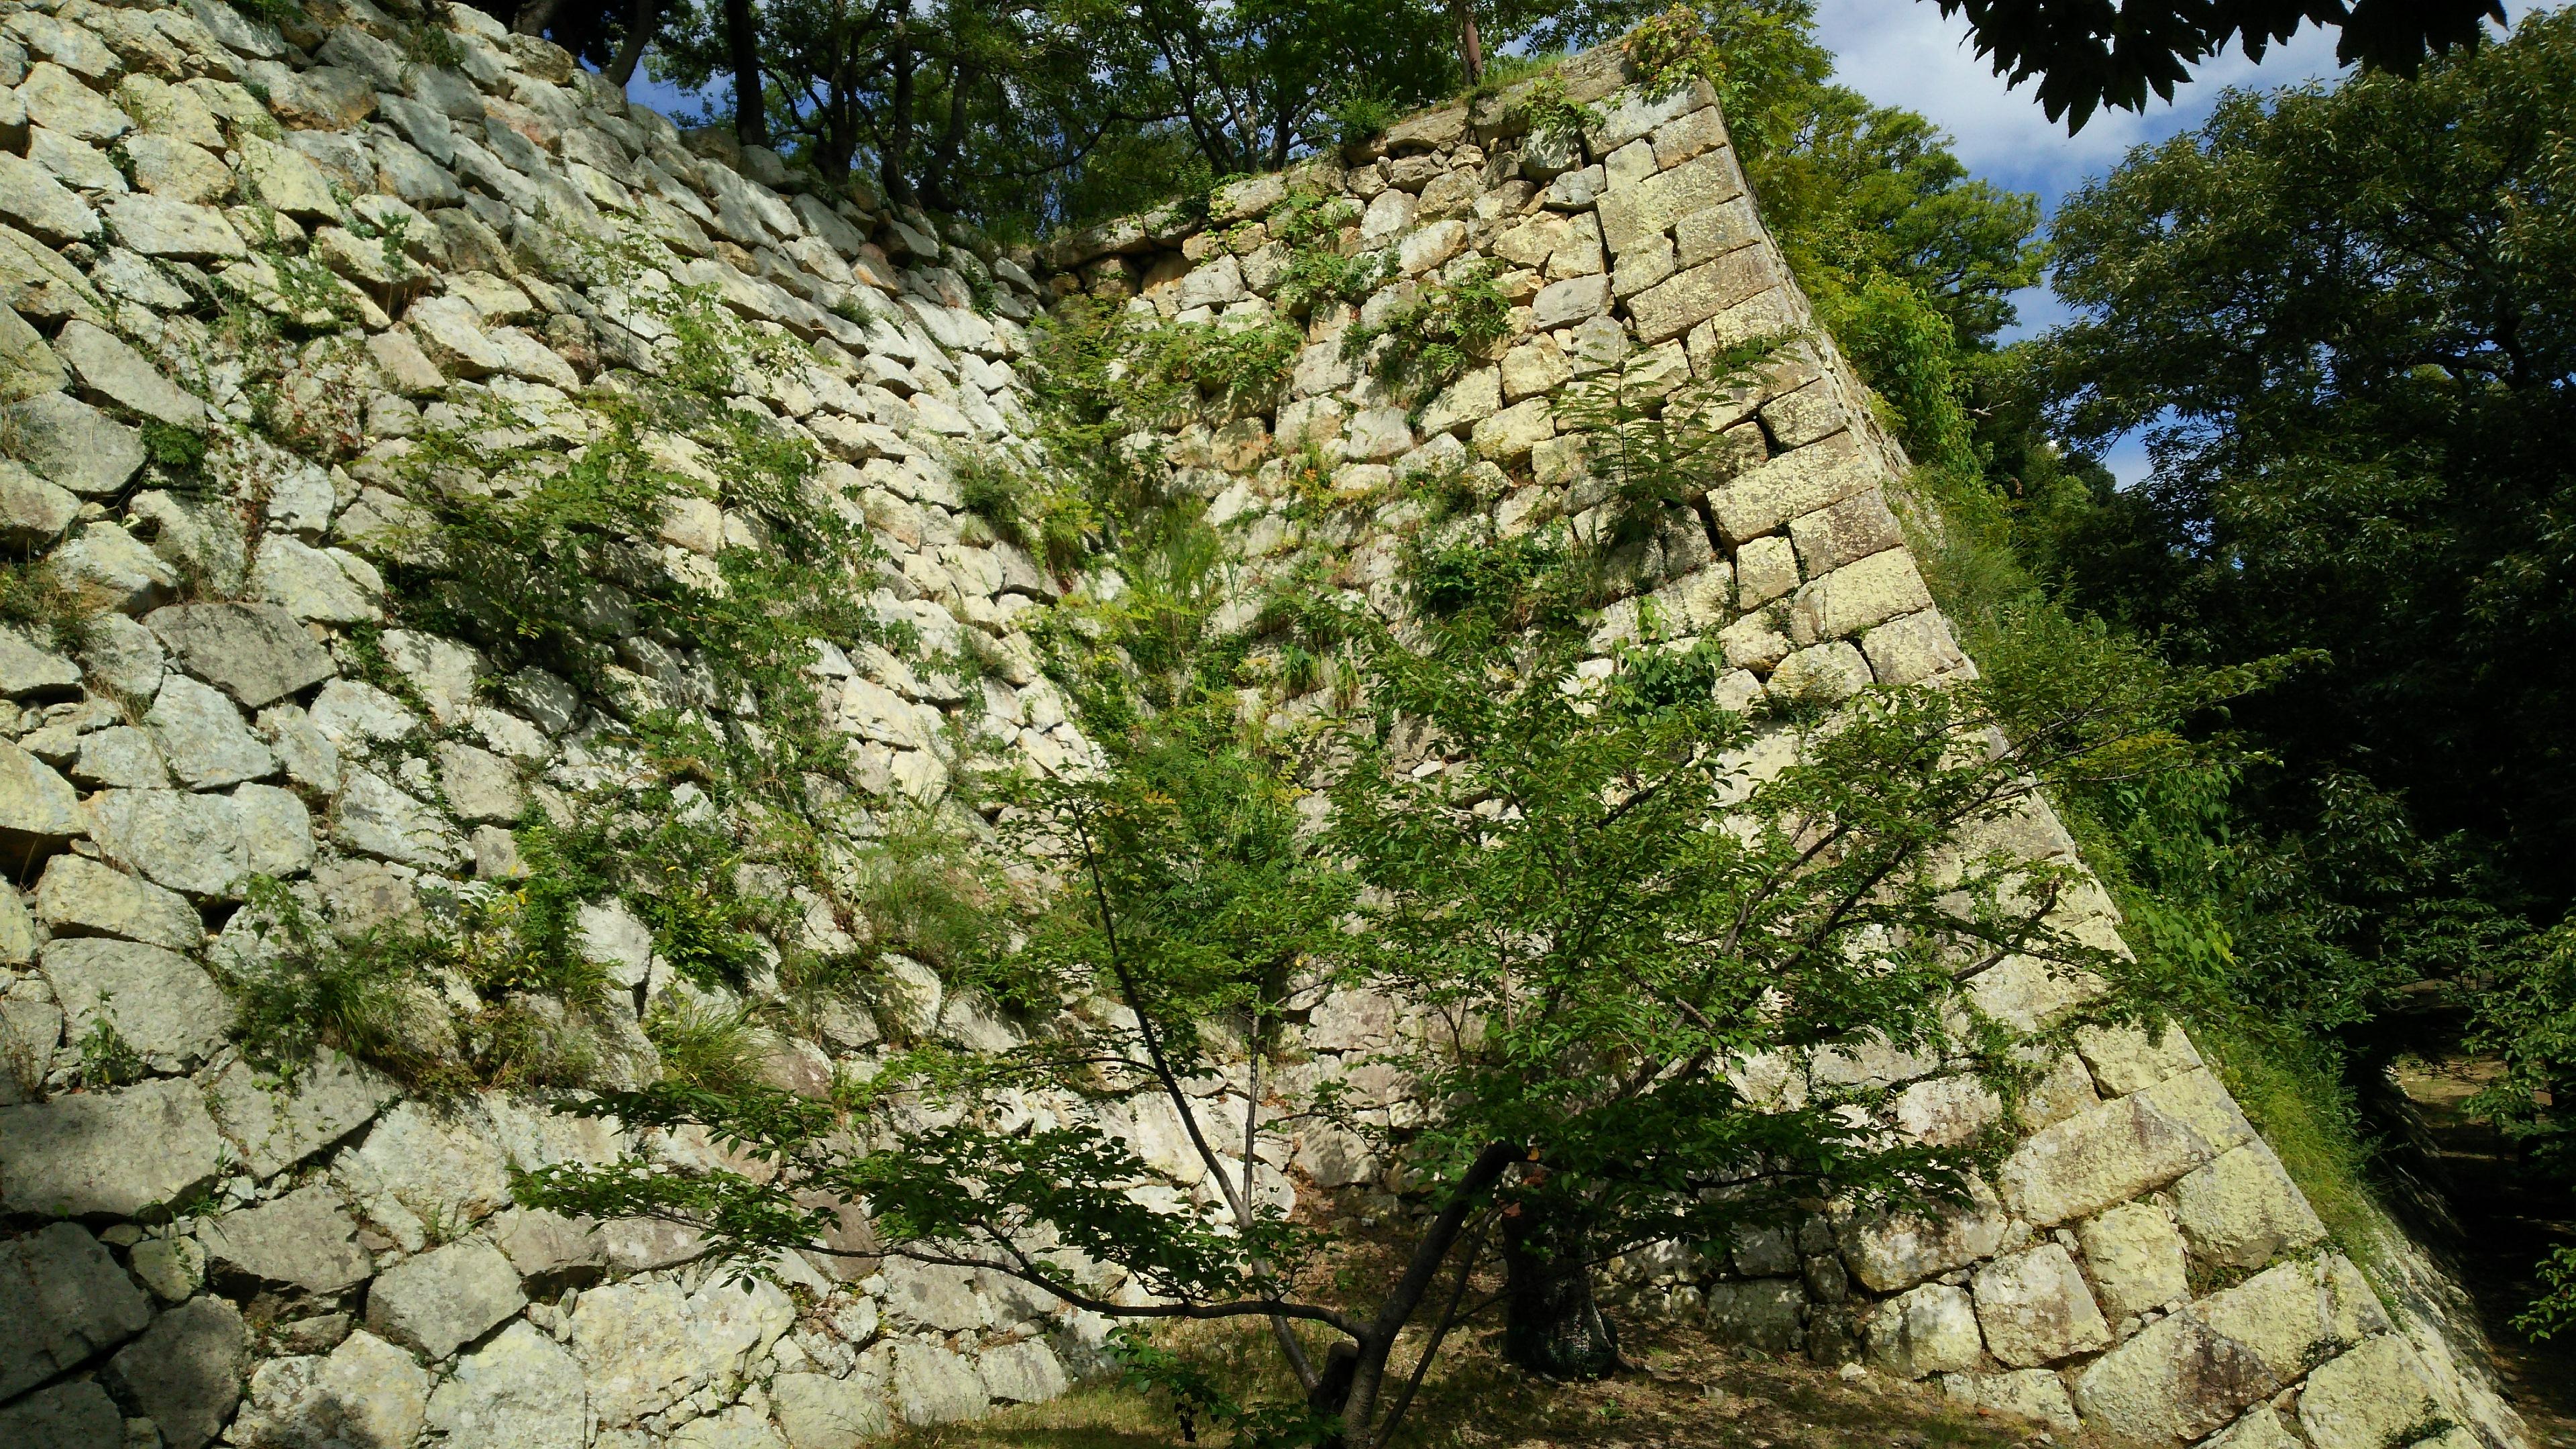 富田林,大阪狭山市で旅行に楽しく行きたいならくめ鍼灸整骨院へご相談ください♪